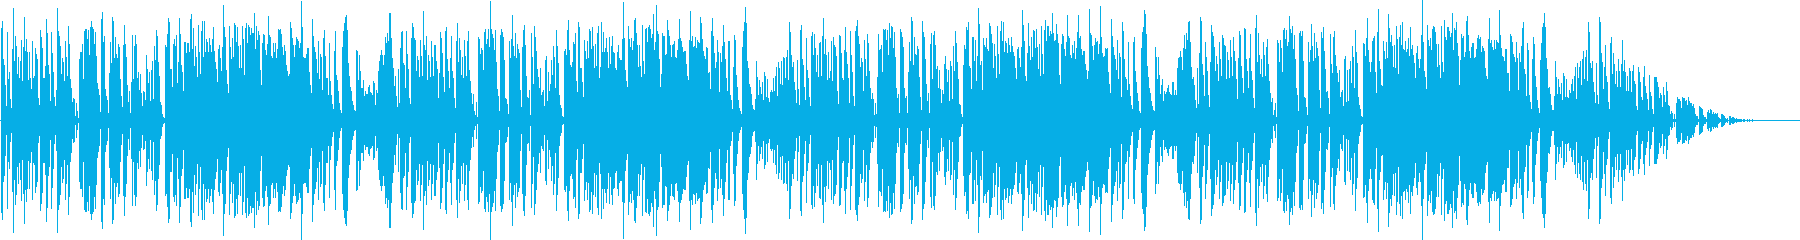 bgm43の再生済みの波形